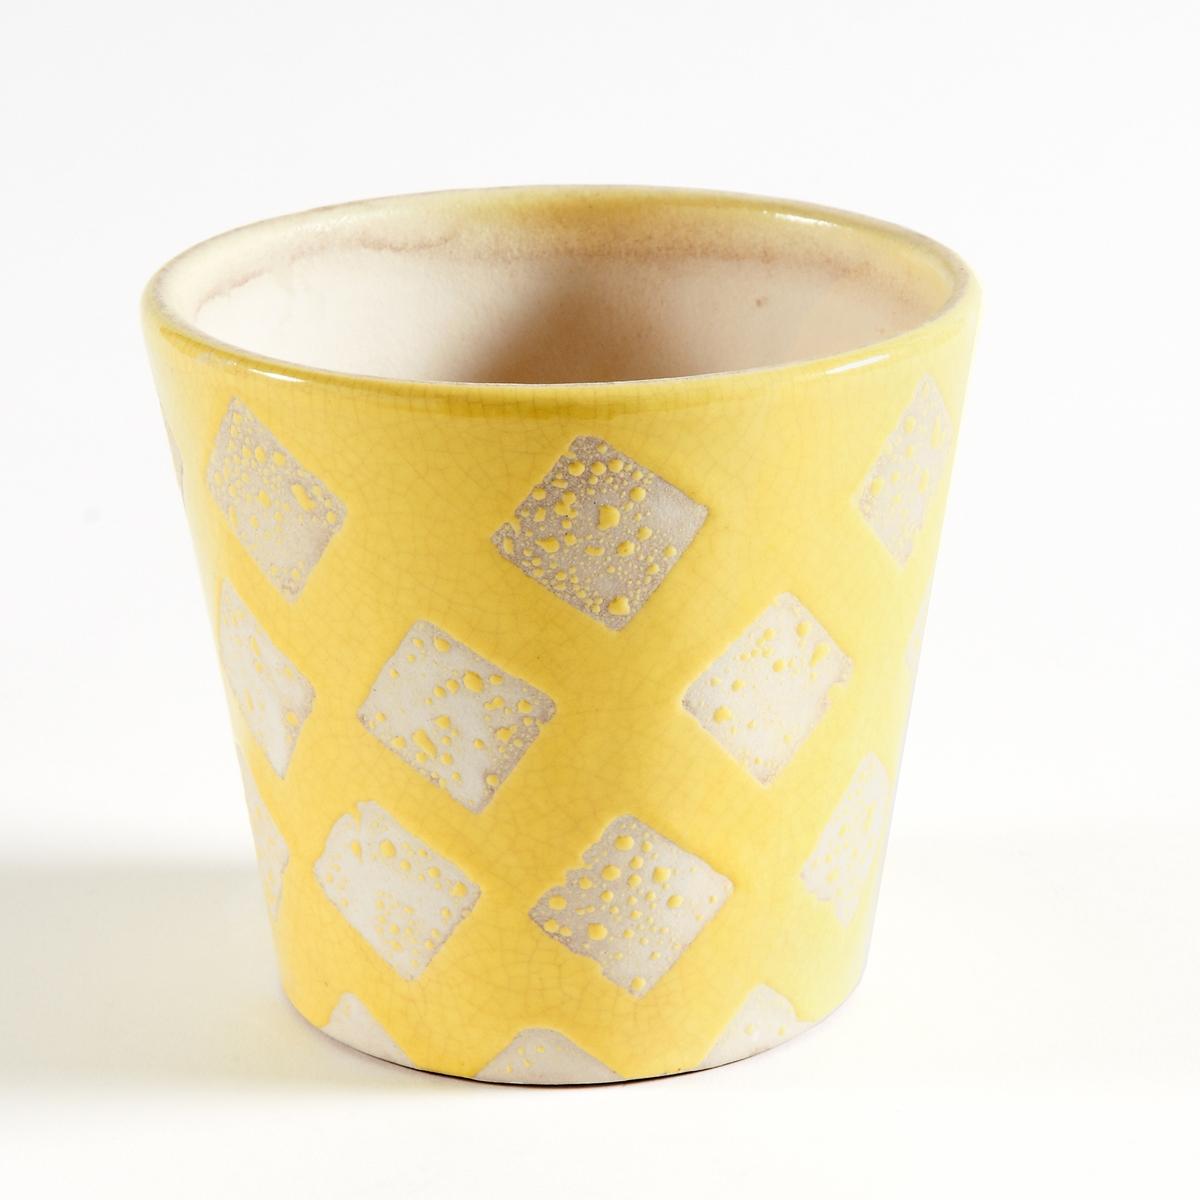 Кашпо из керамики, покрытой глазурью, EtnimaКашпо Etnima придаст яркий стиль благодаря этническим рисункам по периметру. Характеристики круглого кашпо из керамики Etnima :Круглое кашпо из керамики, покрытой глазурью, с этническим рисунком.Размеры круглого кашпо из керамики Etnima :Размеры : диаметр 14 x высота 12,5 см.<br><br>Цвет: оранжевый,светло-розовый,синий,темно-розовый<br>Размер: единый размер.единый размер